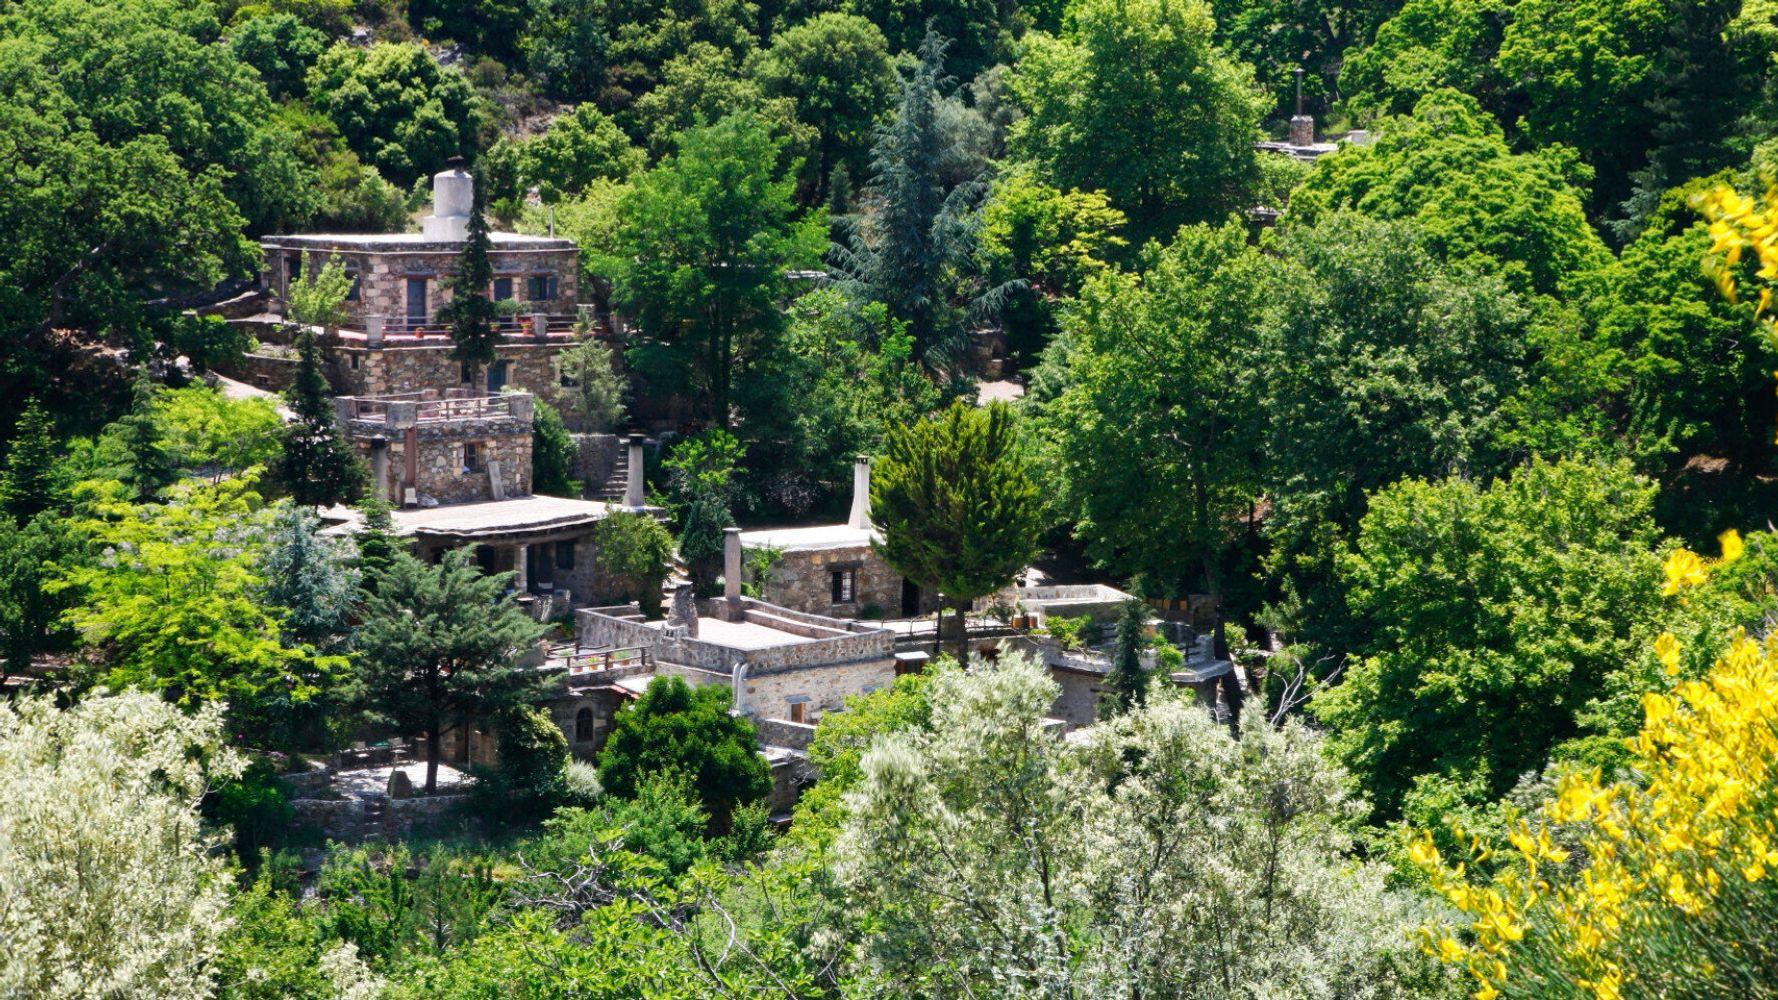 Μηλιά Χανίων: Το οικολογικό χωριό που προσκαλεί τους επισκέπτες του να κάνουν διακοπές χωρίς ρεύμα | HuffPost Greece LIFE